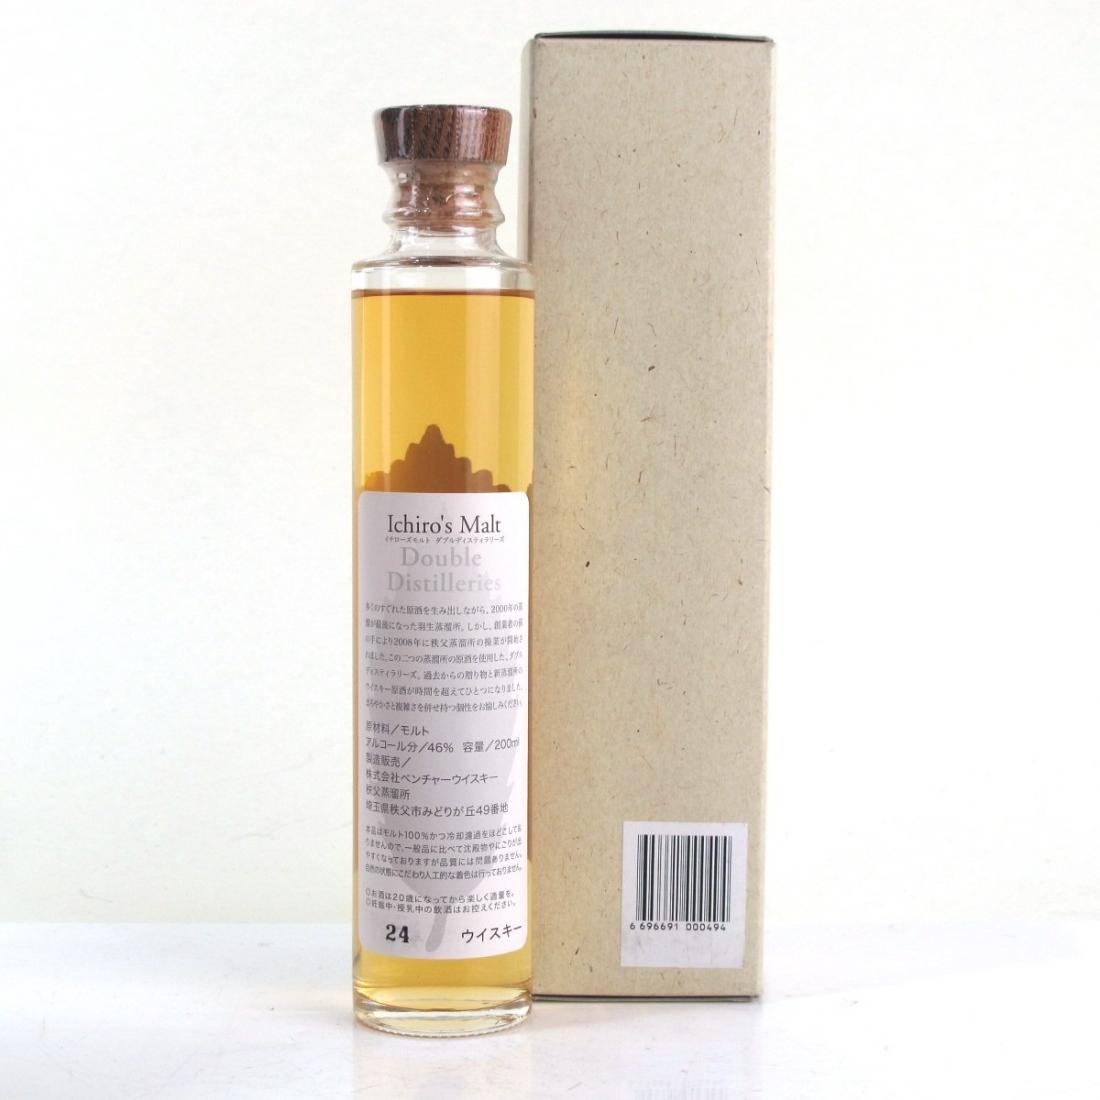 Ichiro's Malt Double Distilleries 20cl / Hanyu & Chichibu